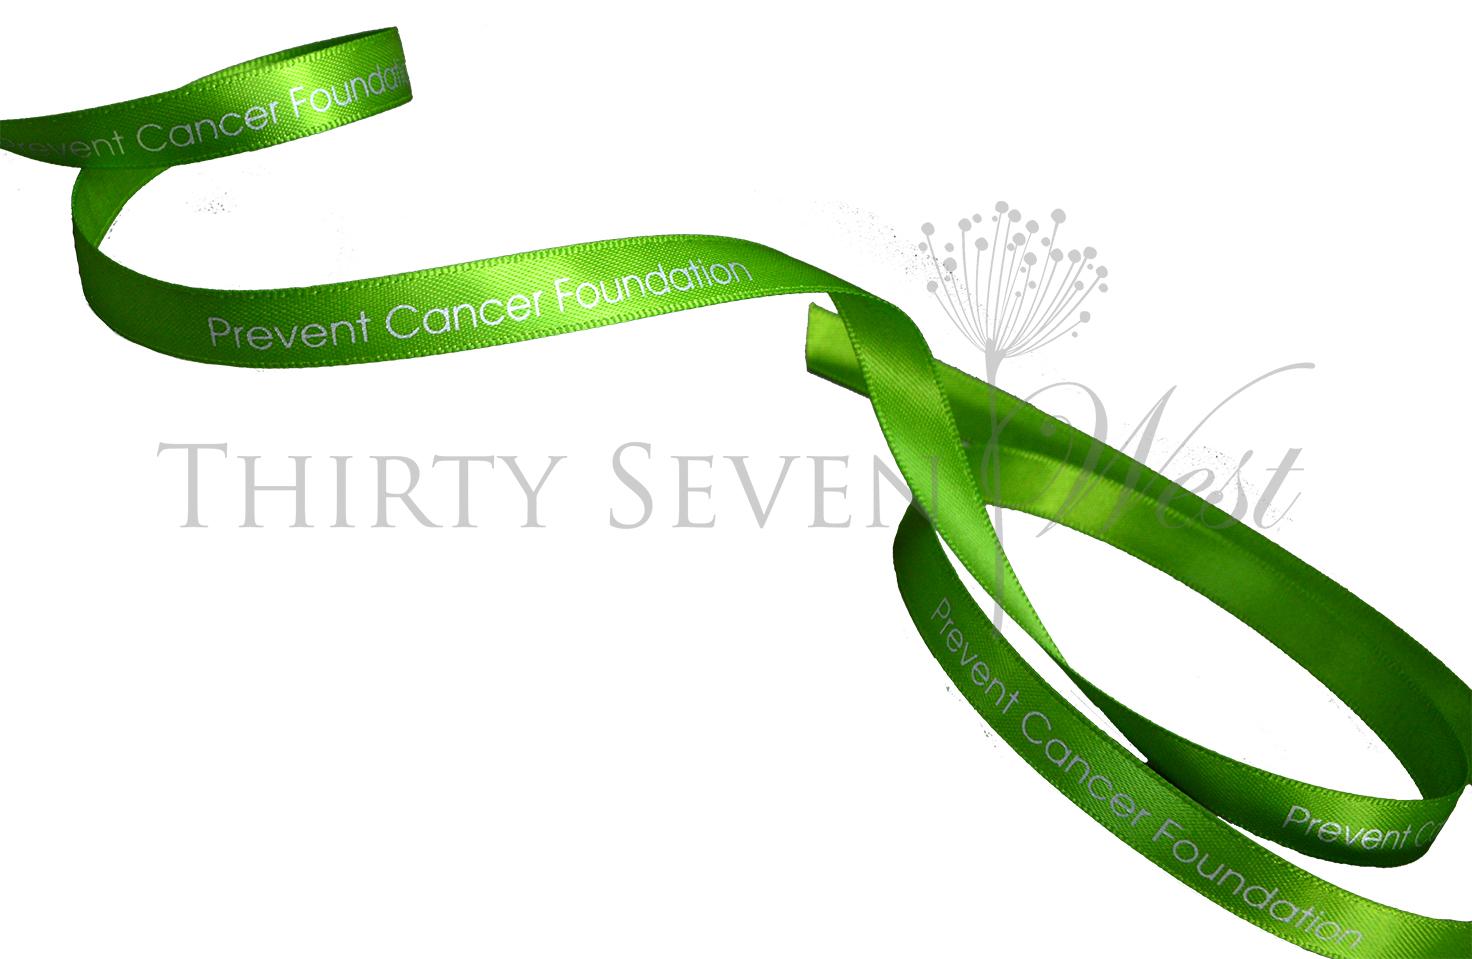 Green Ribbon, Satin Ribbon, Custom satin Ribbon, Logo on Ribbon, Logo Ribbon, Satin Logo Ribbon, Custom Logo ribbon, Printed Logo Ribbon, Matte Metallic Print on Ribbon, Branded Ribbon., Custom Ribbon Printing.